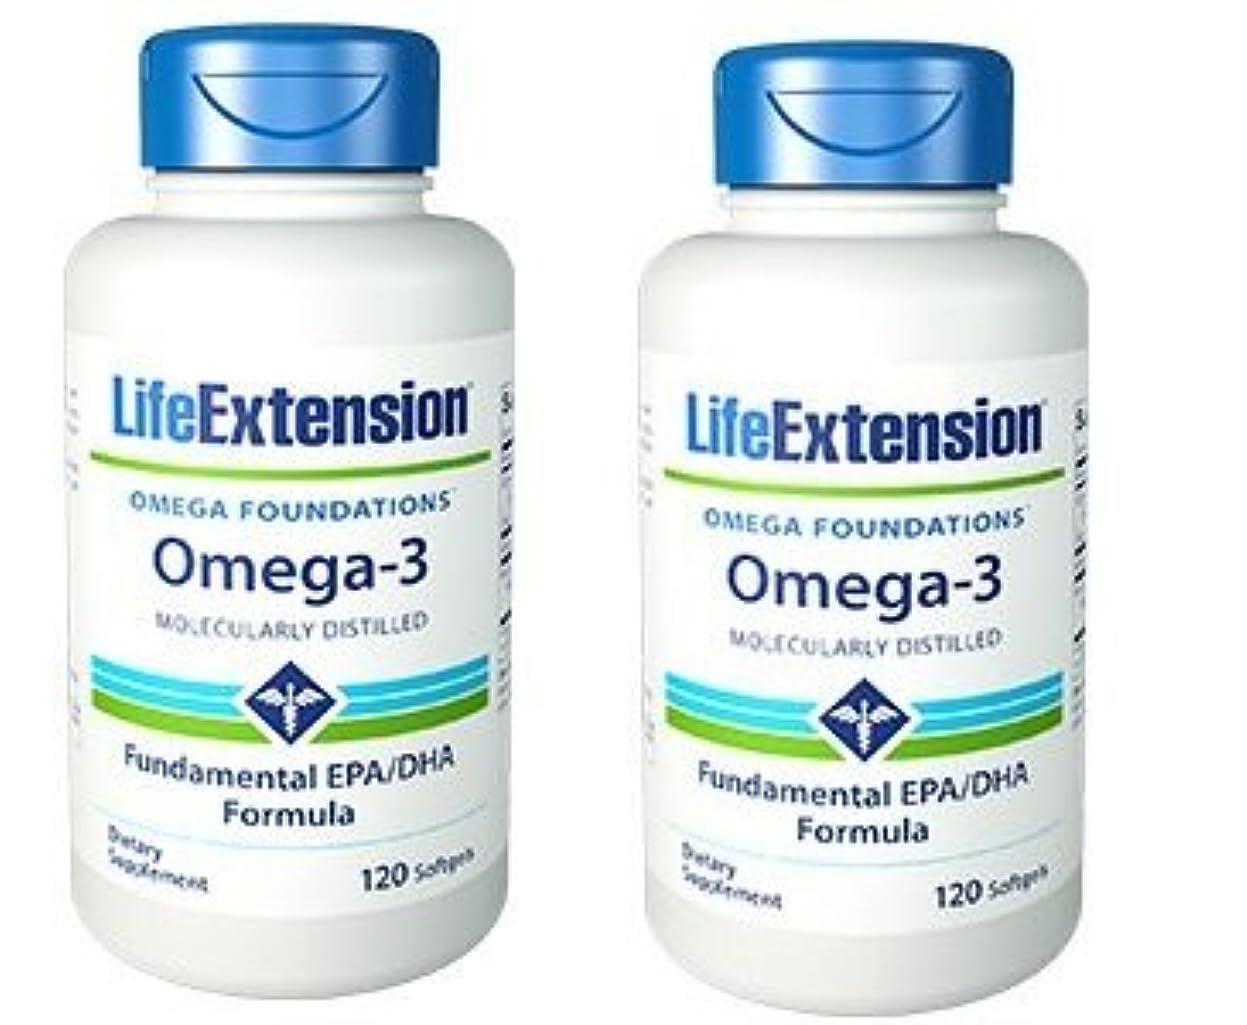 公使館チャレンジおばあさん【海外直送品】【2本セット】Life Extension - Omega-3 as many commercial fish oils 120 ソフトジェル